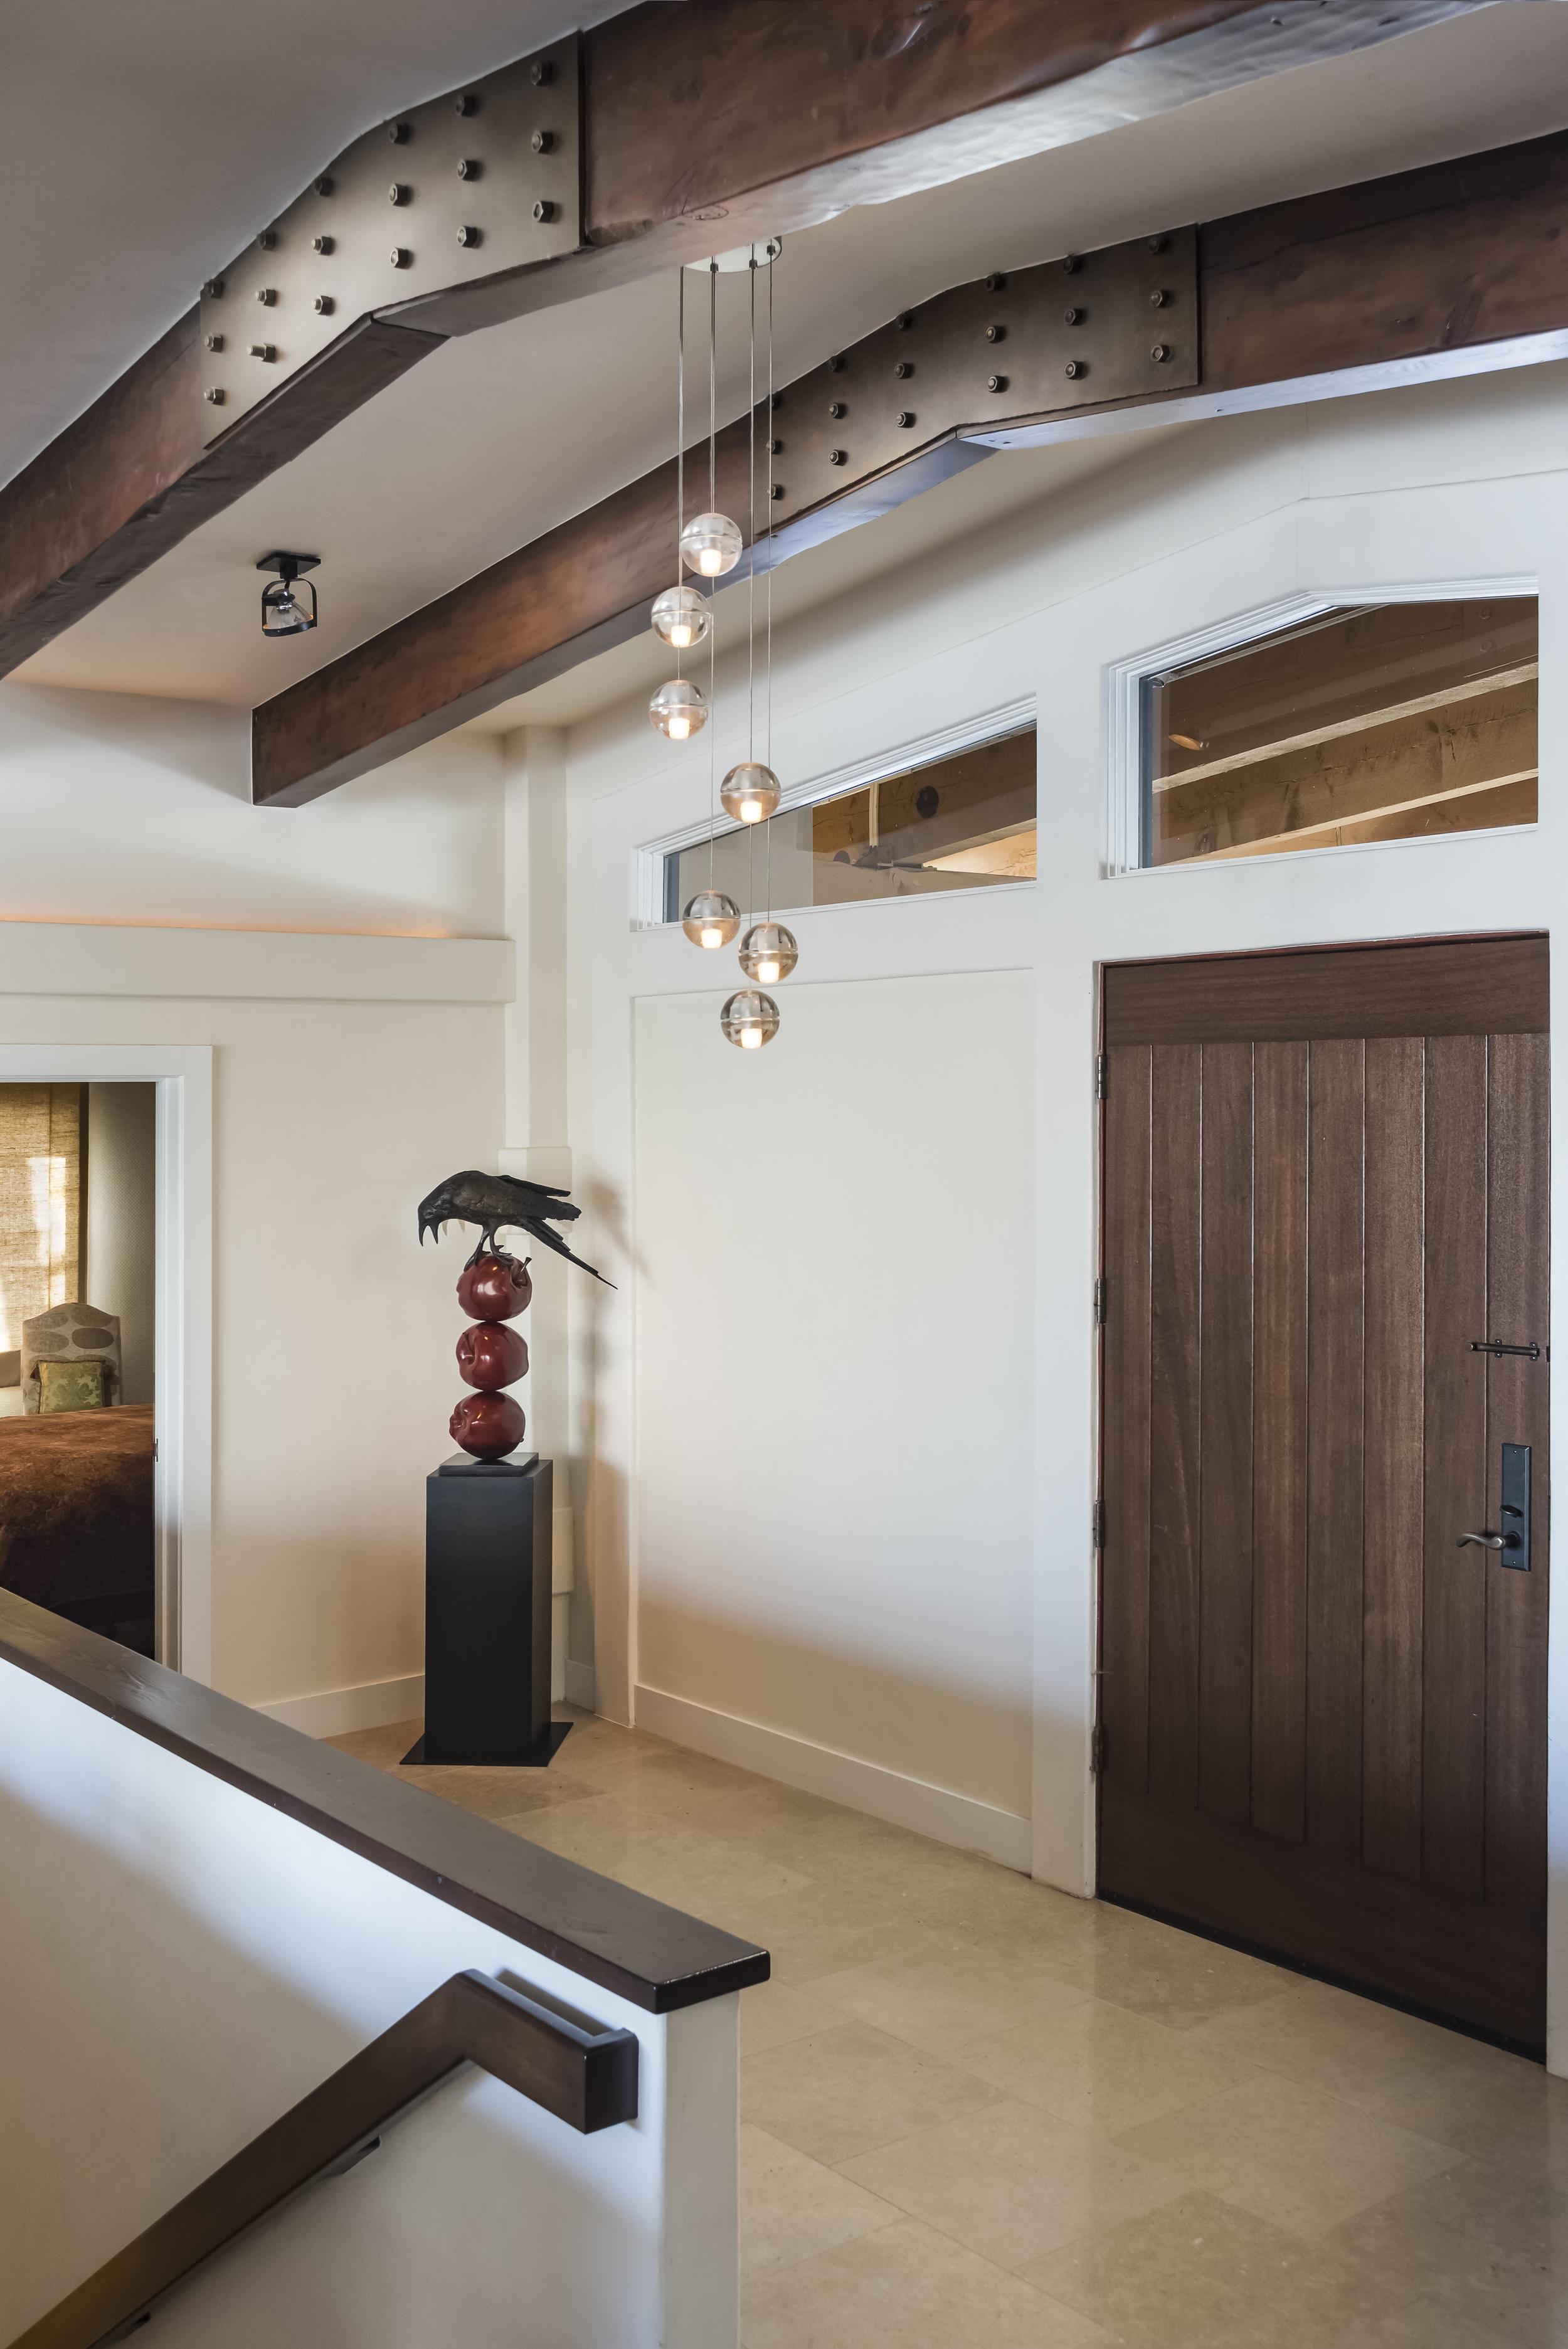 GabeBorder-Idaho-SunValley-interiors (2 of 3).jpg